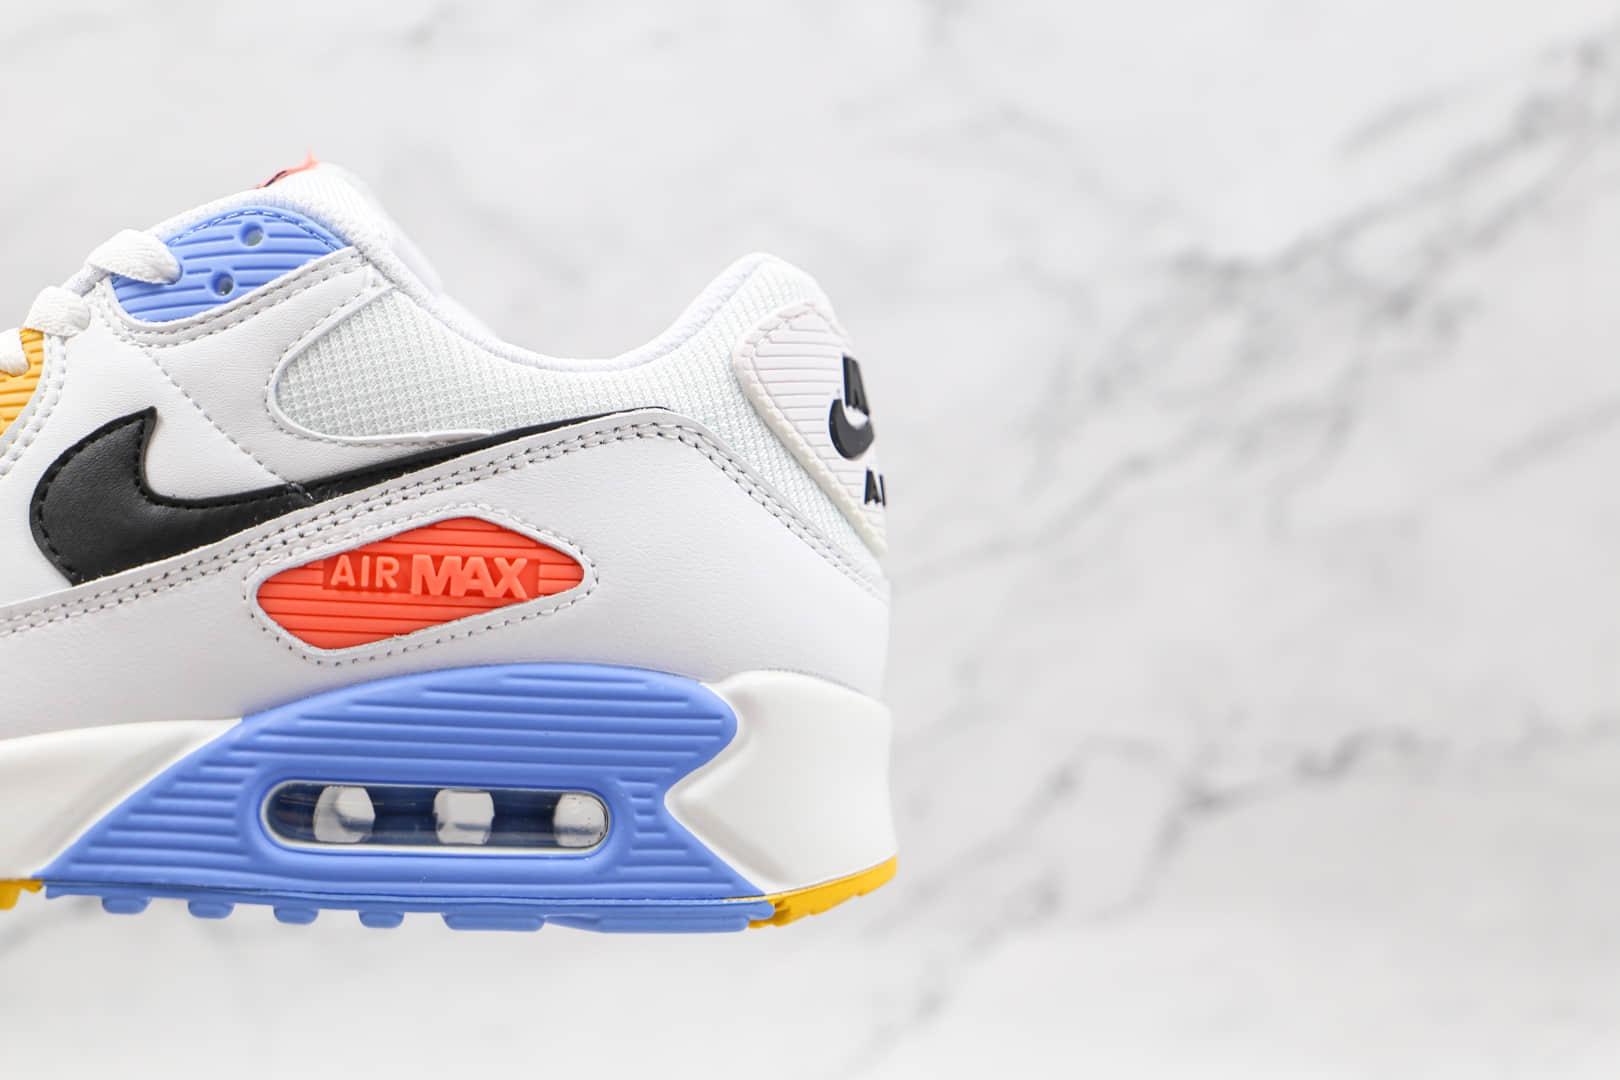 耐克Nike Air Max 90纯原版本白蓝粉黄色火星Max90气垫鞋原楦头纸板打造 货号:CZ3950-100